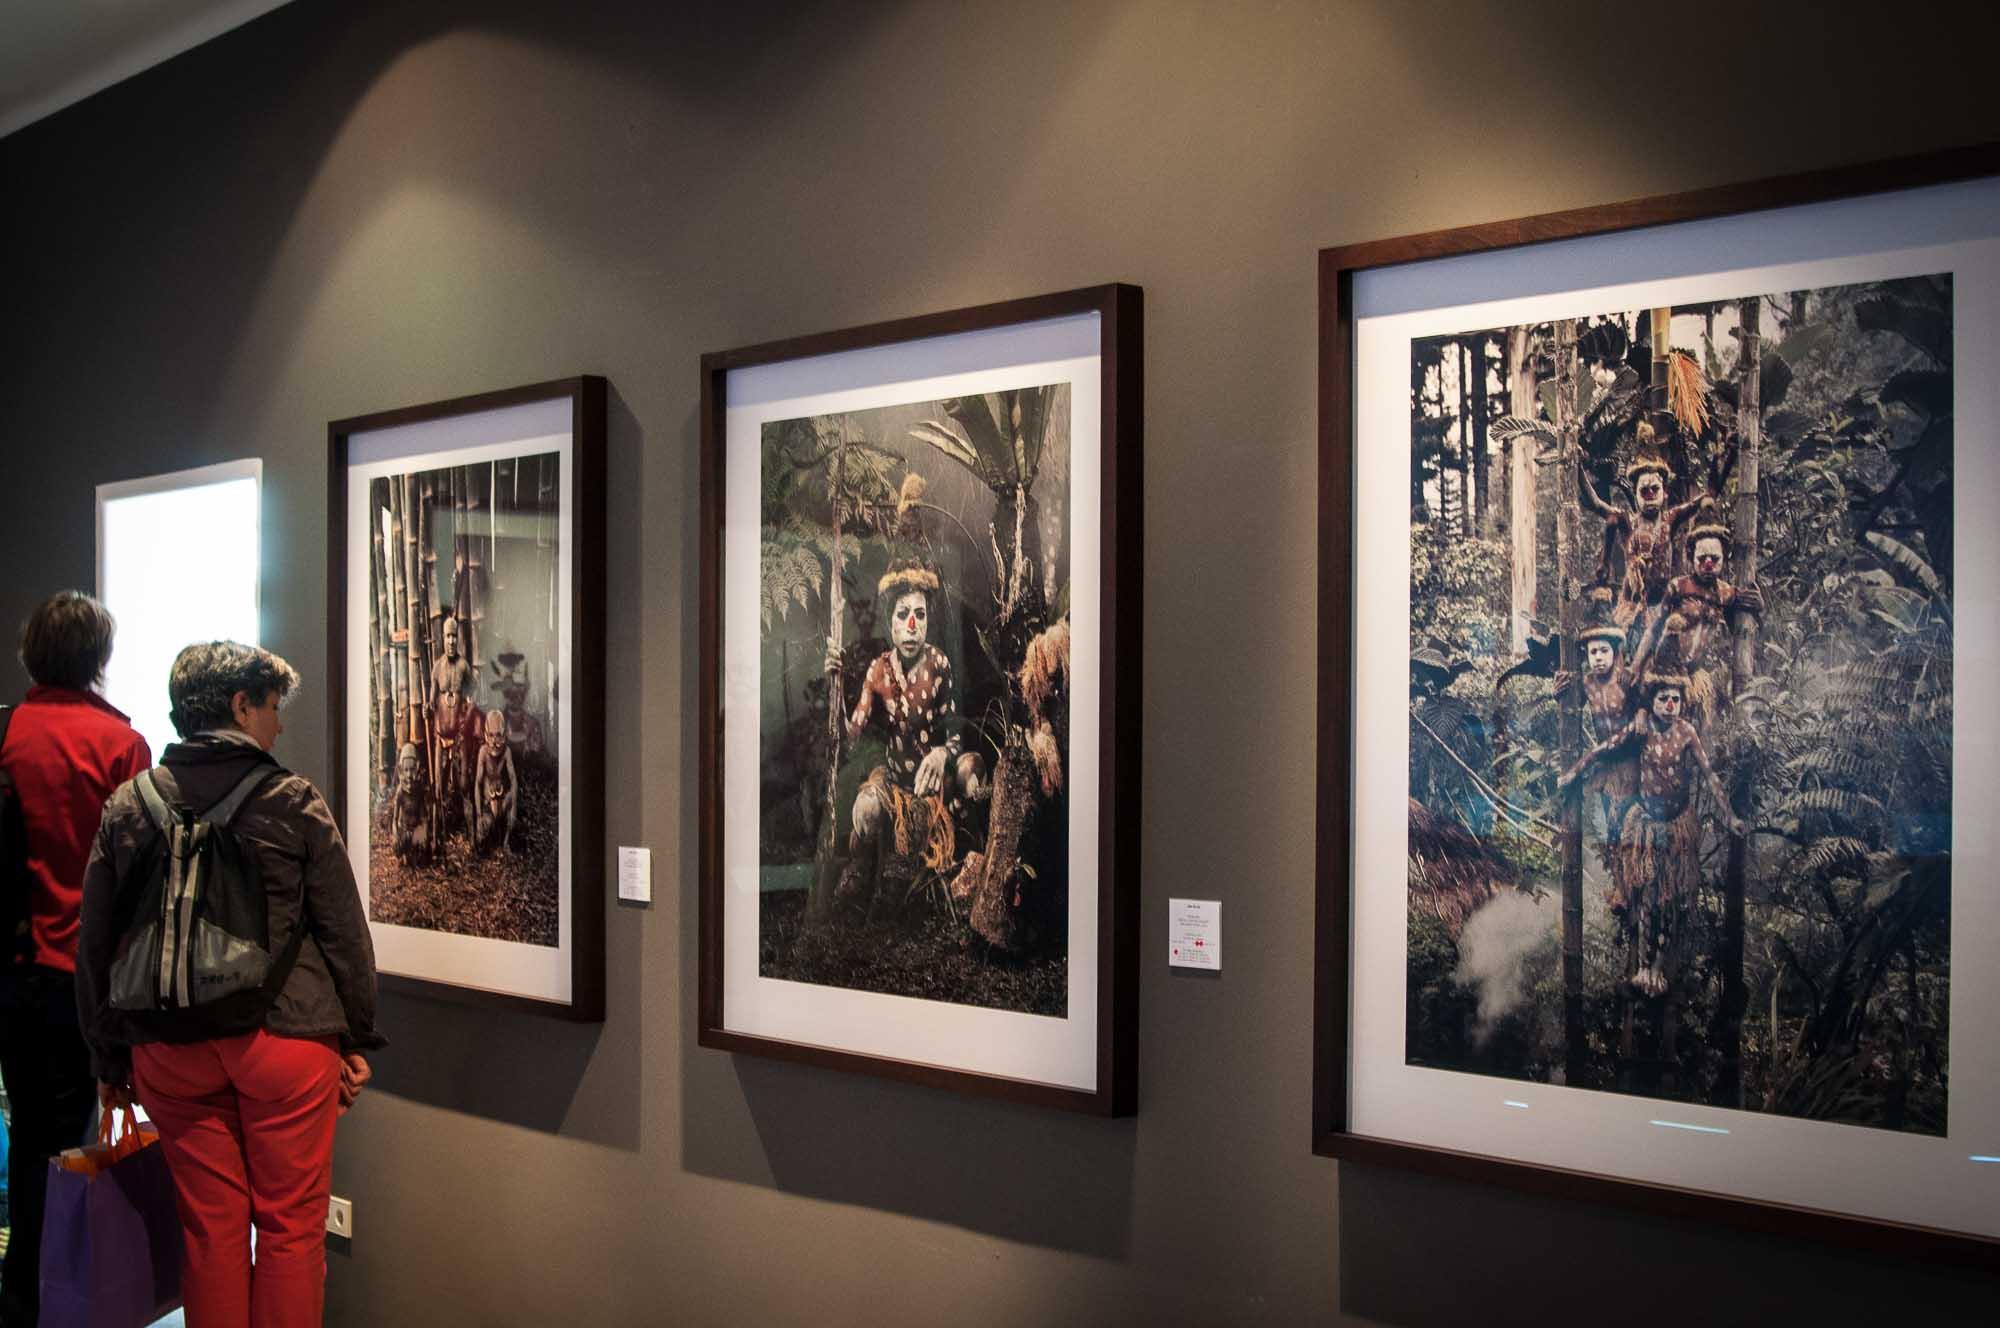 Kunstspaziergang Gallery Weekend 2020